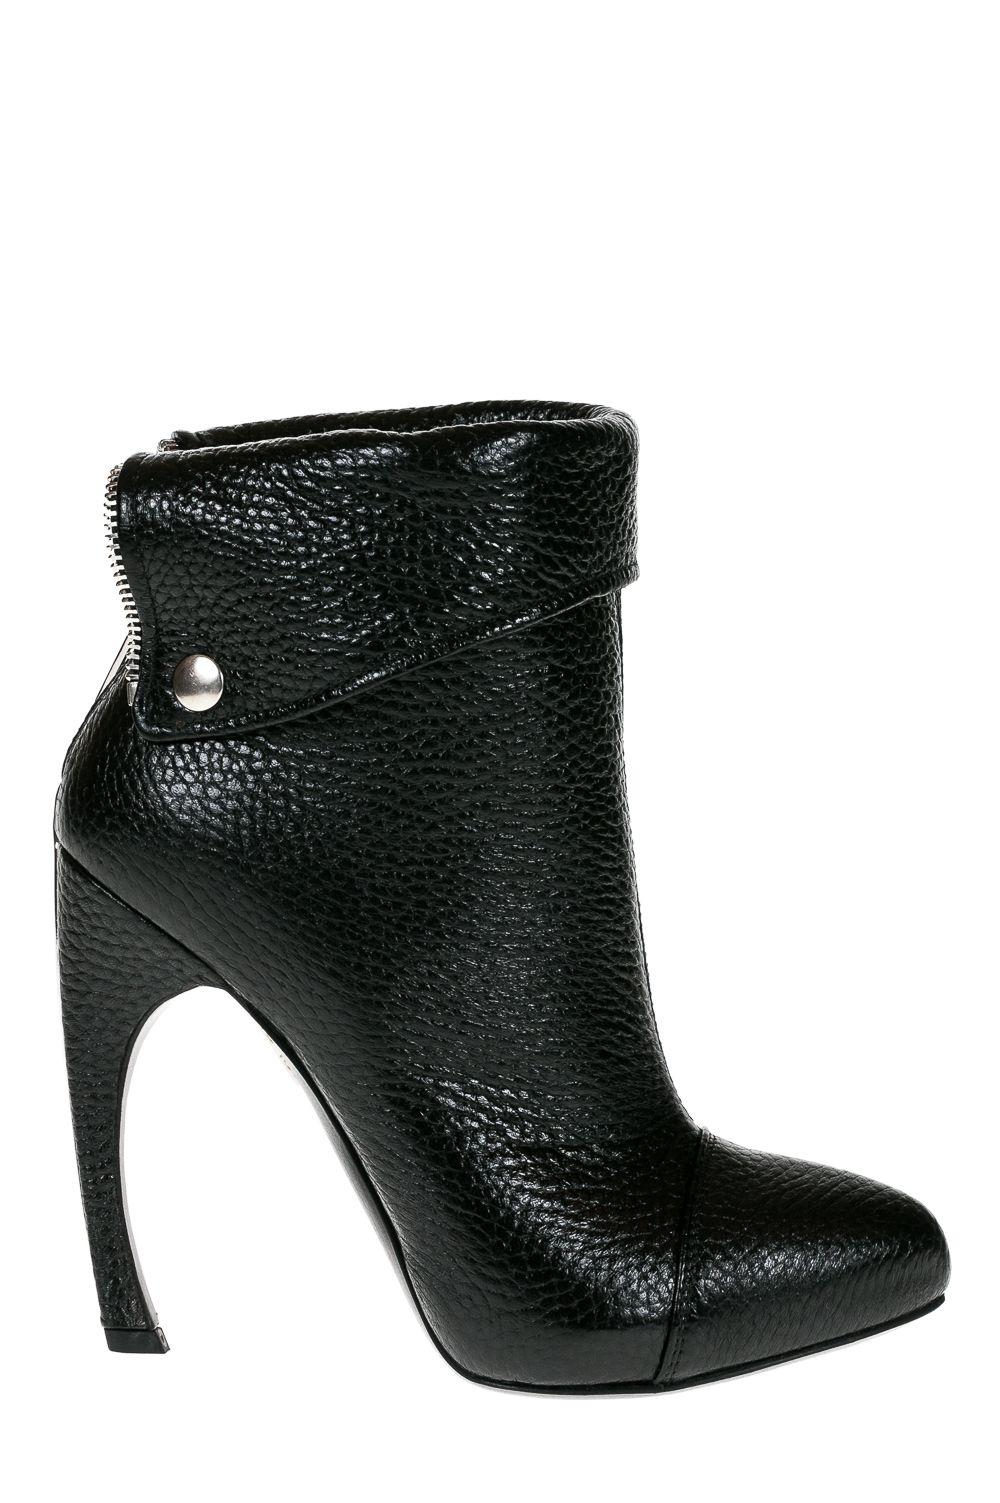 Alexander McQueen Ankle Boot